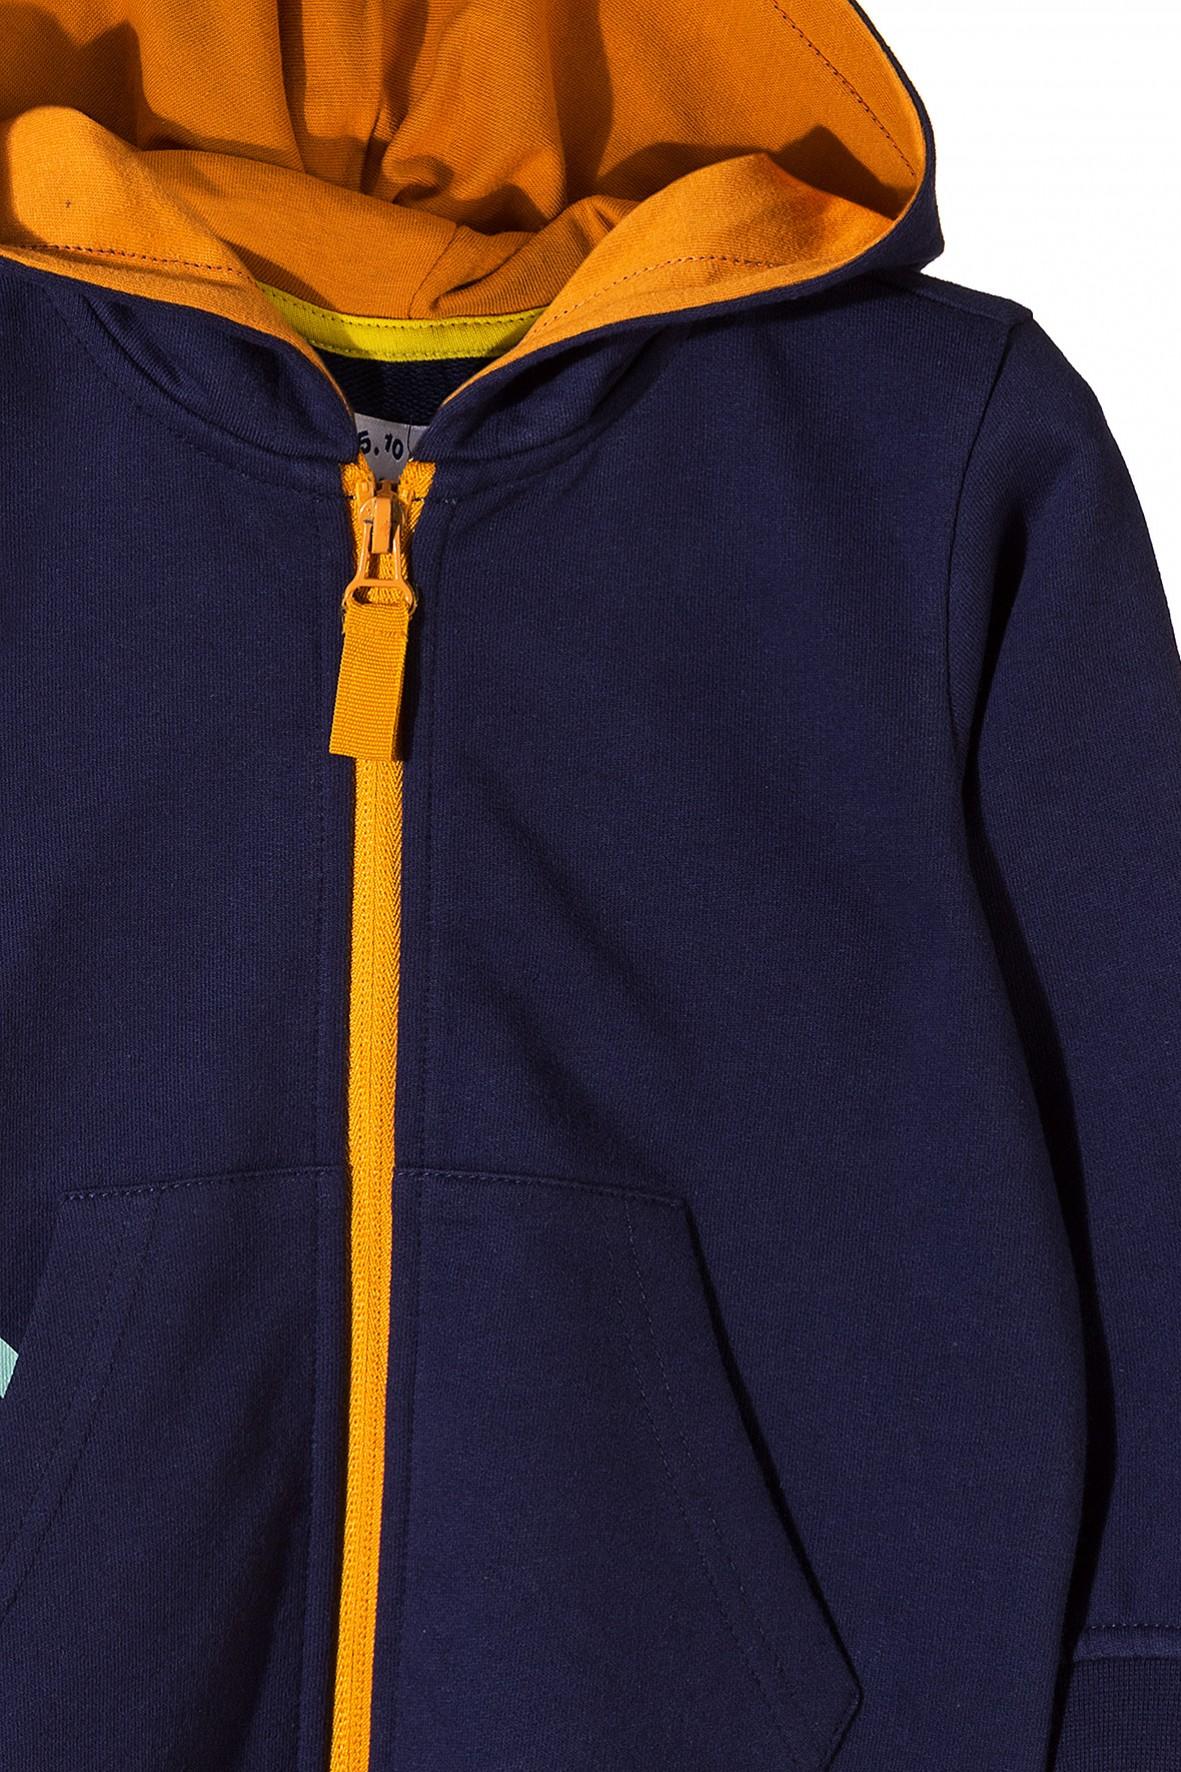 355311ed17ffb Granatowa bluza dresowa z kieszeniami i kontrastowymi pomarańczowymi ...